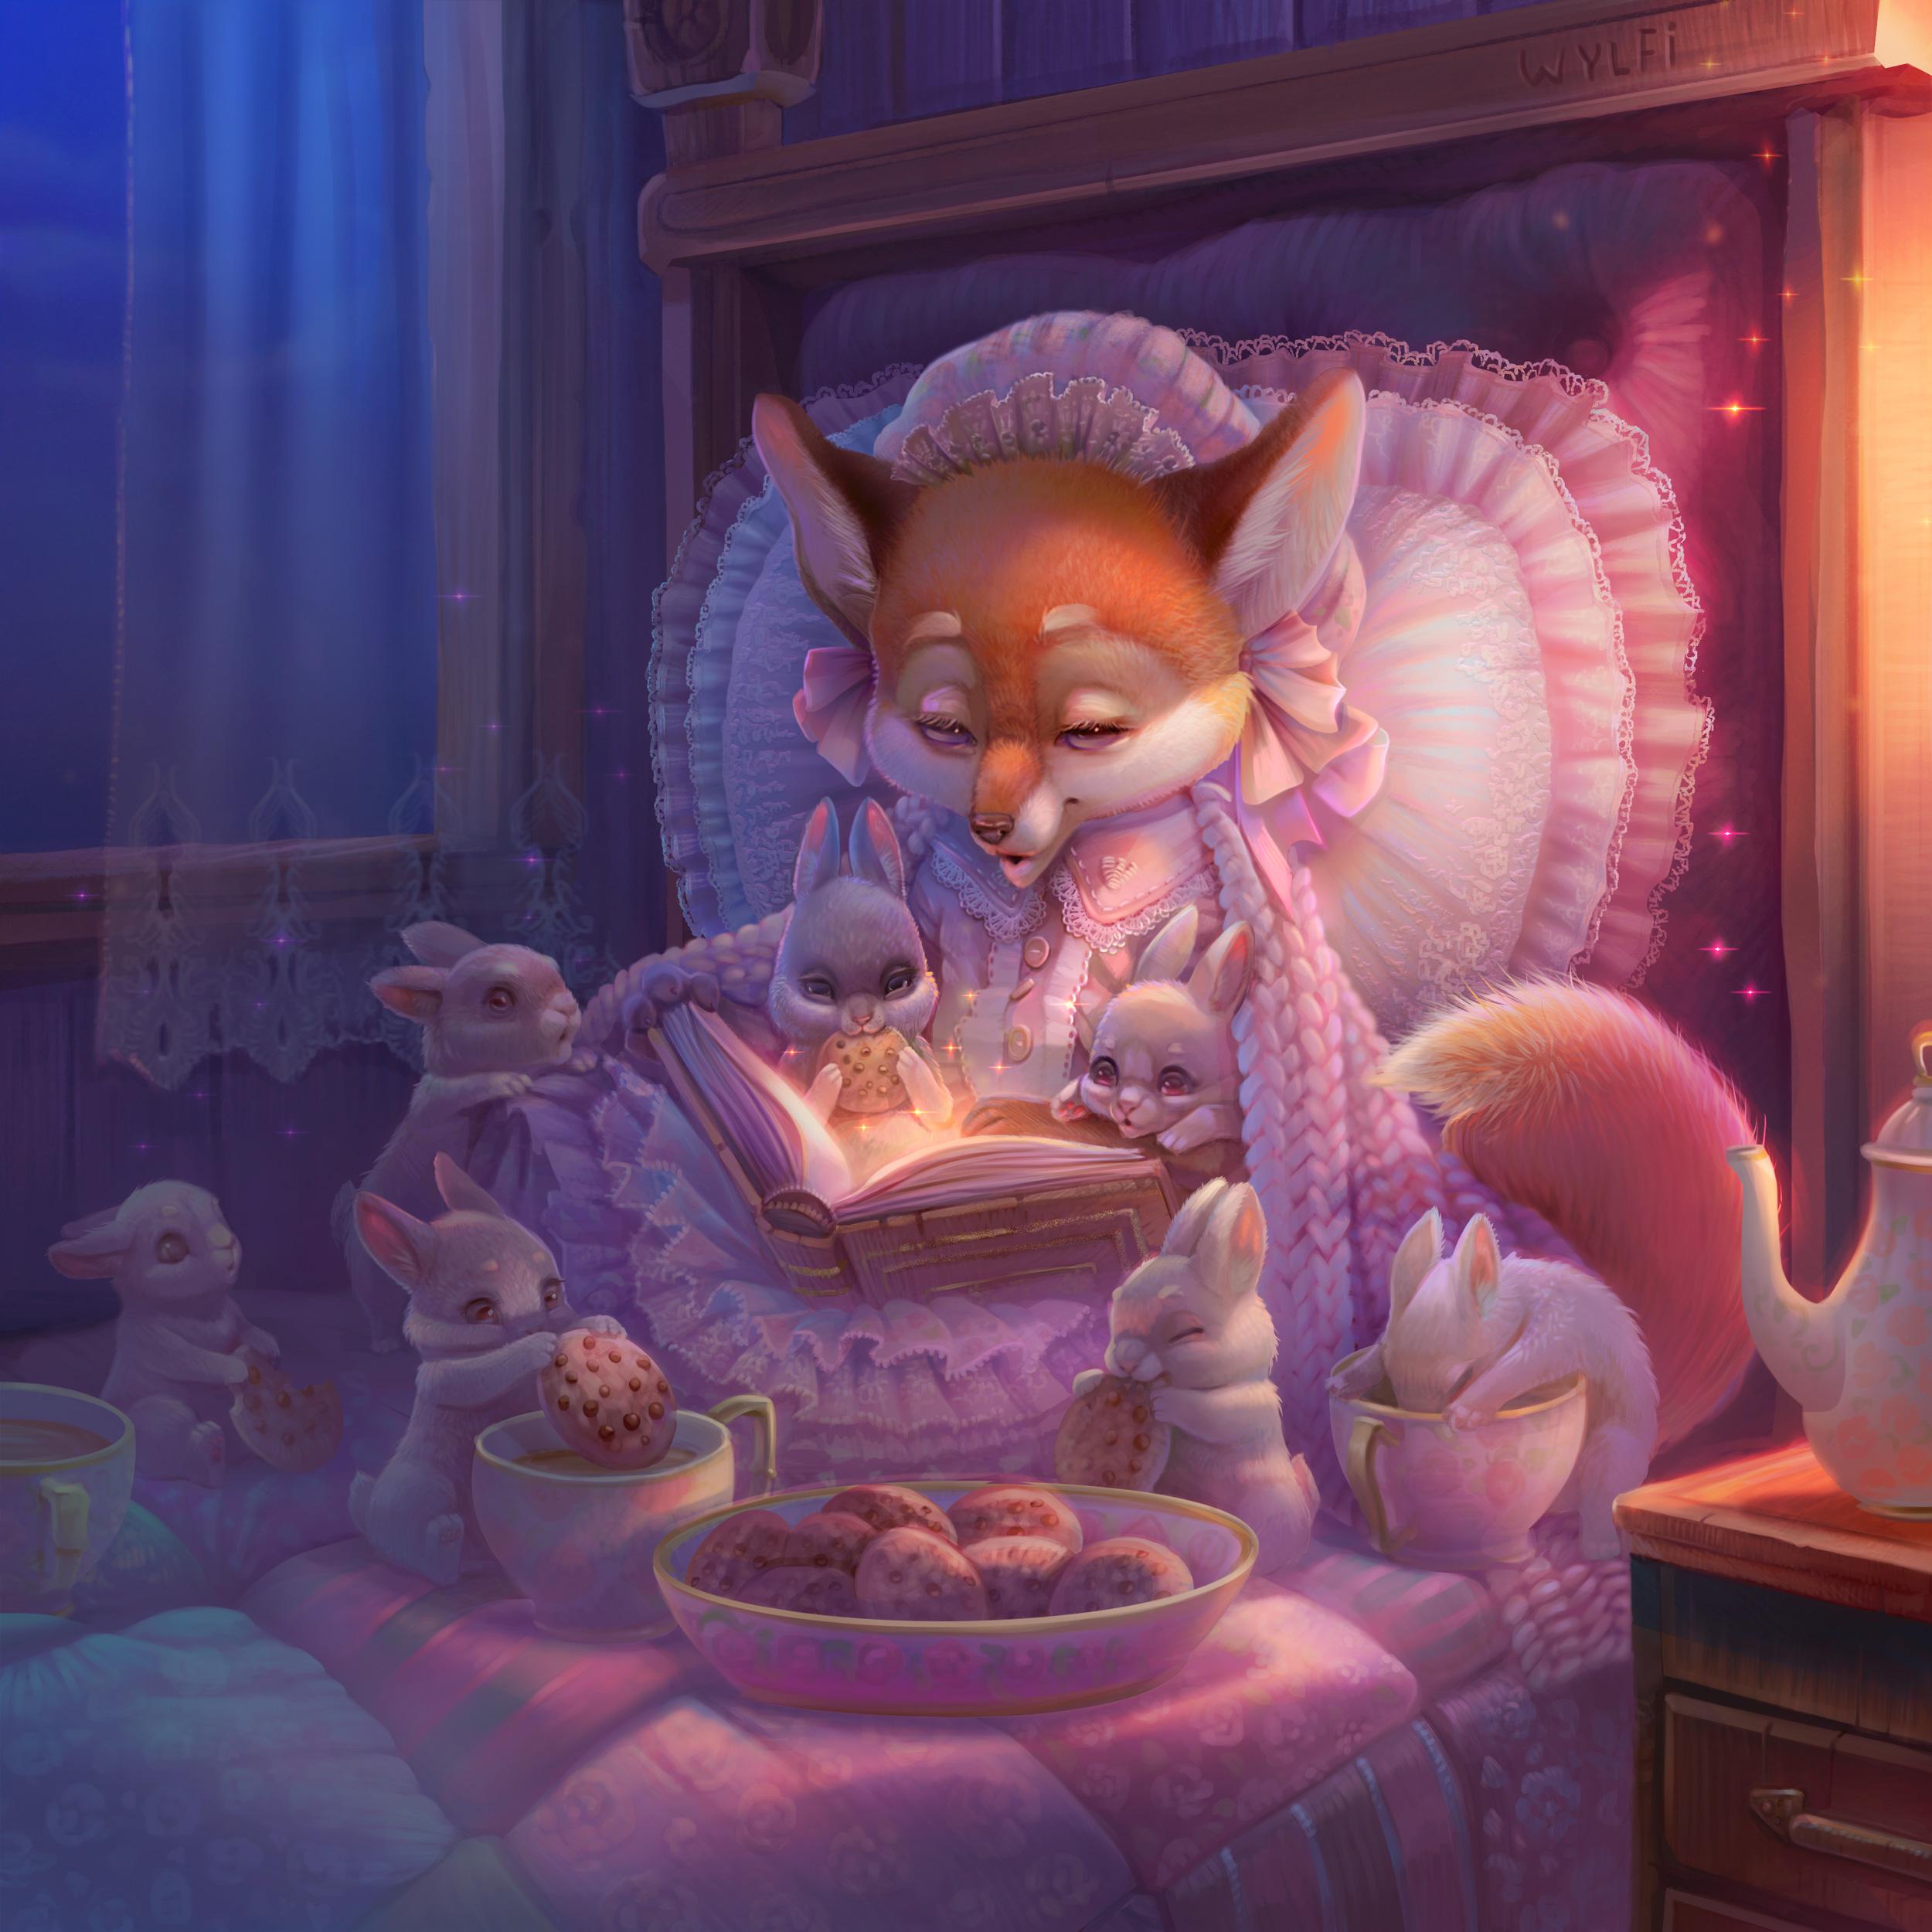 foxy-fairy-tale-6